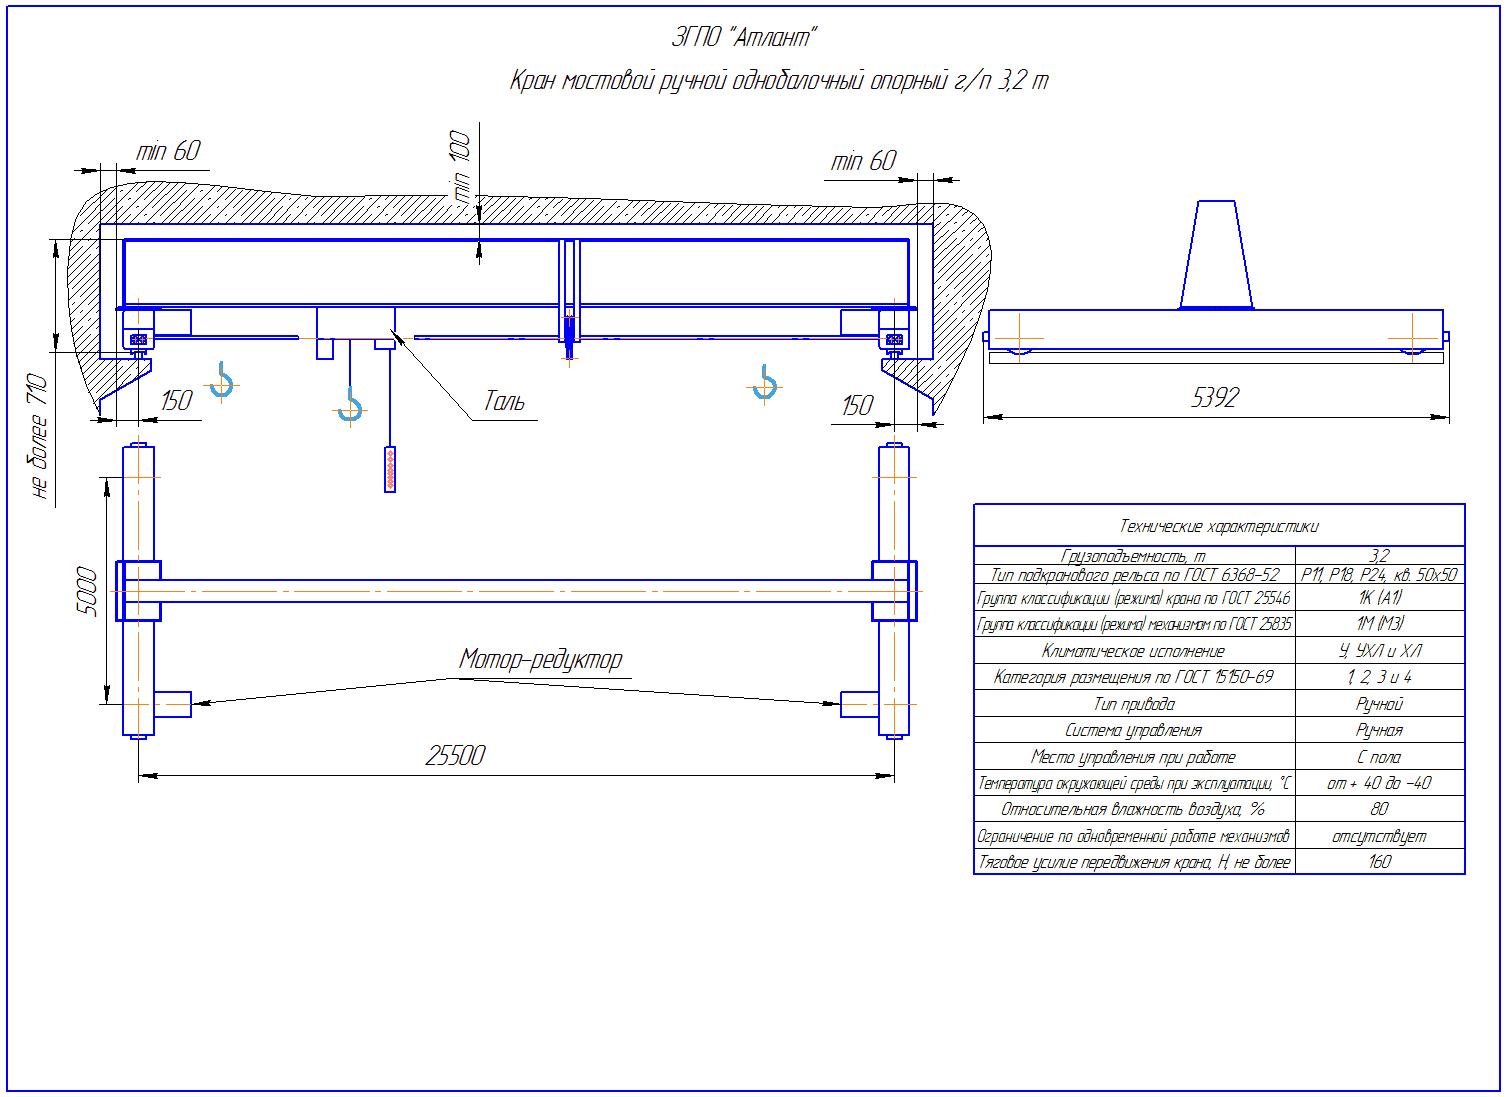 KRMOO 3 255 - Кран ручной мостовой опорный однобалочный